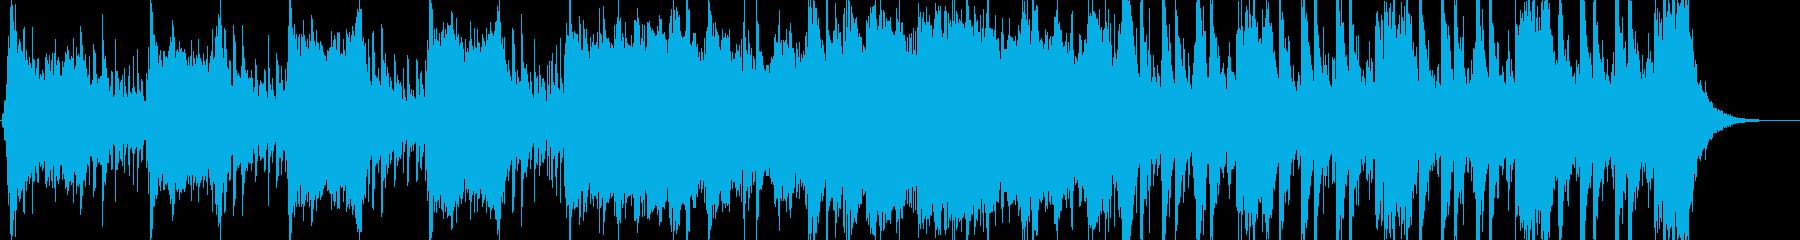 ゲーム用/勇猛なハンターのBGMの再生済みの波形